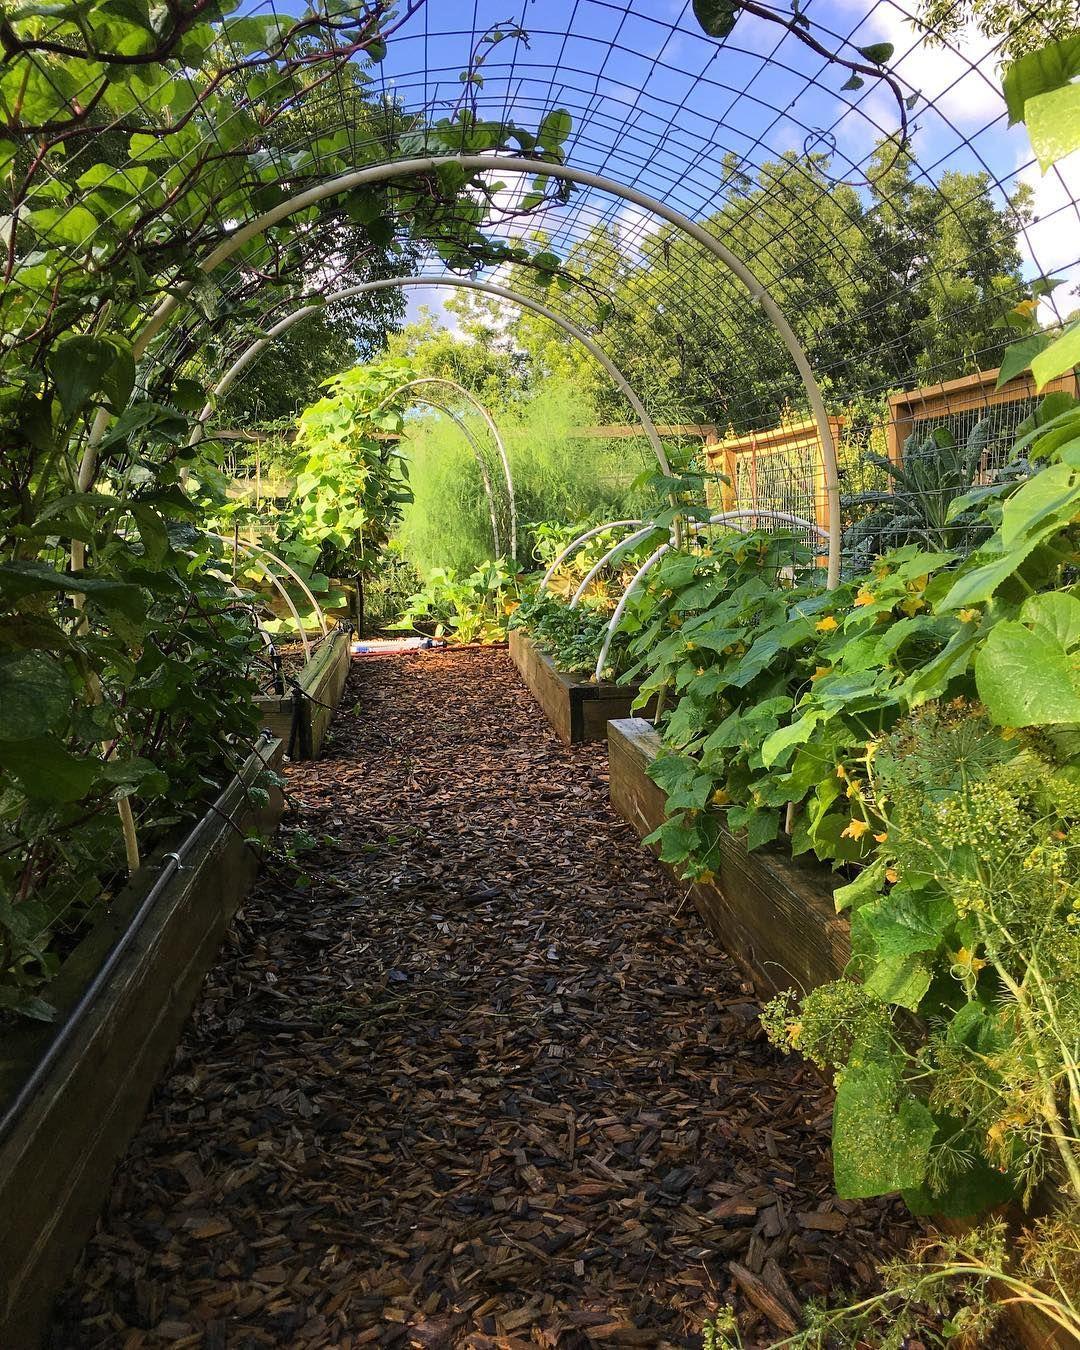 Gemüsegarten gestalten: 9 Ideen für einen hübschen Garten